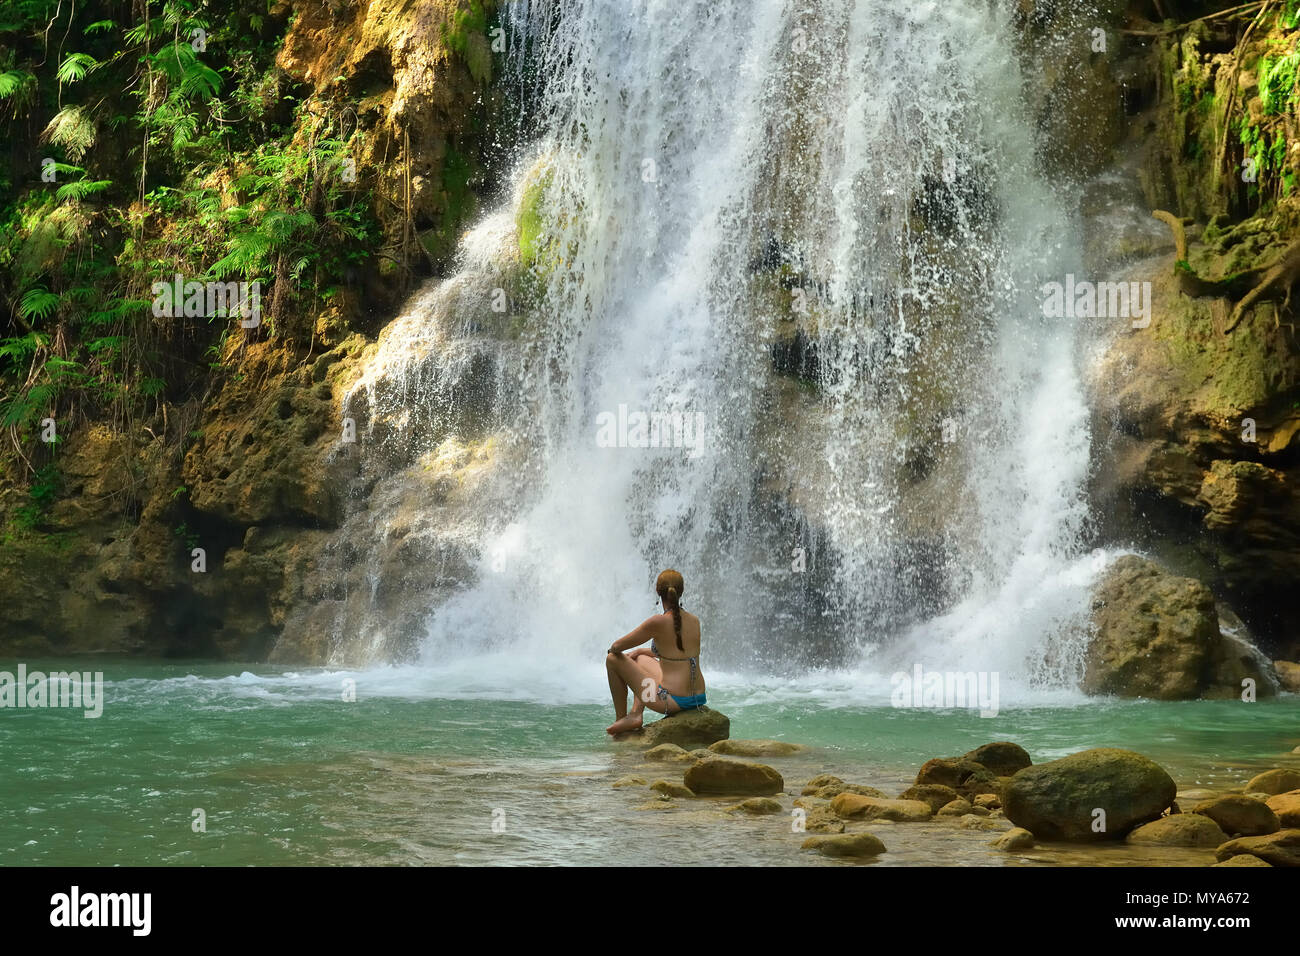 Piscina turistica nel Salto El Limon la cascata che si trova al centro della foresta tropicale, Samana, Dominikana Repubblica. Immagini Stock